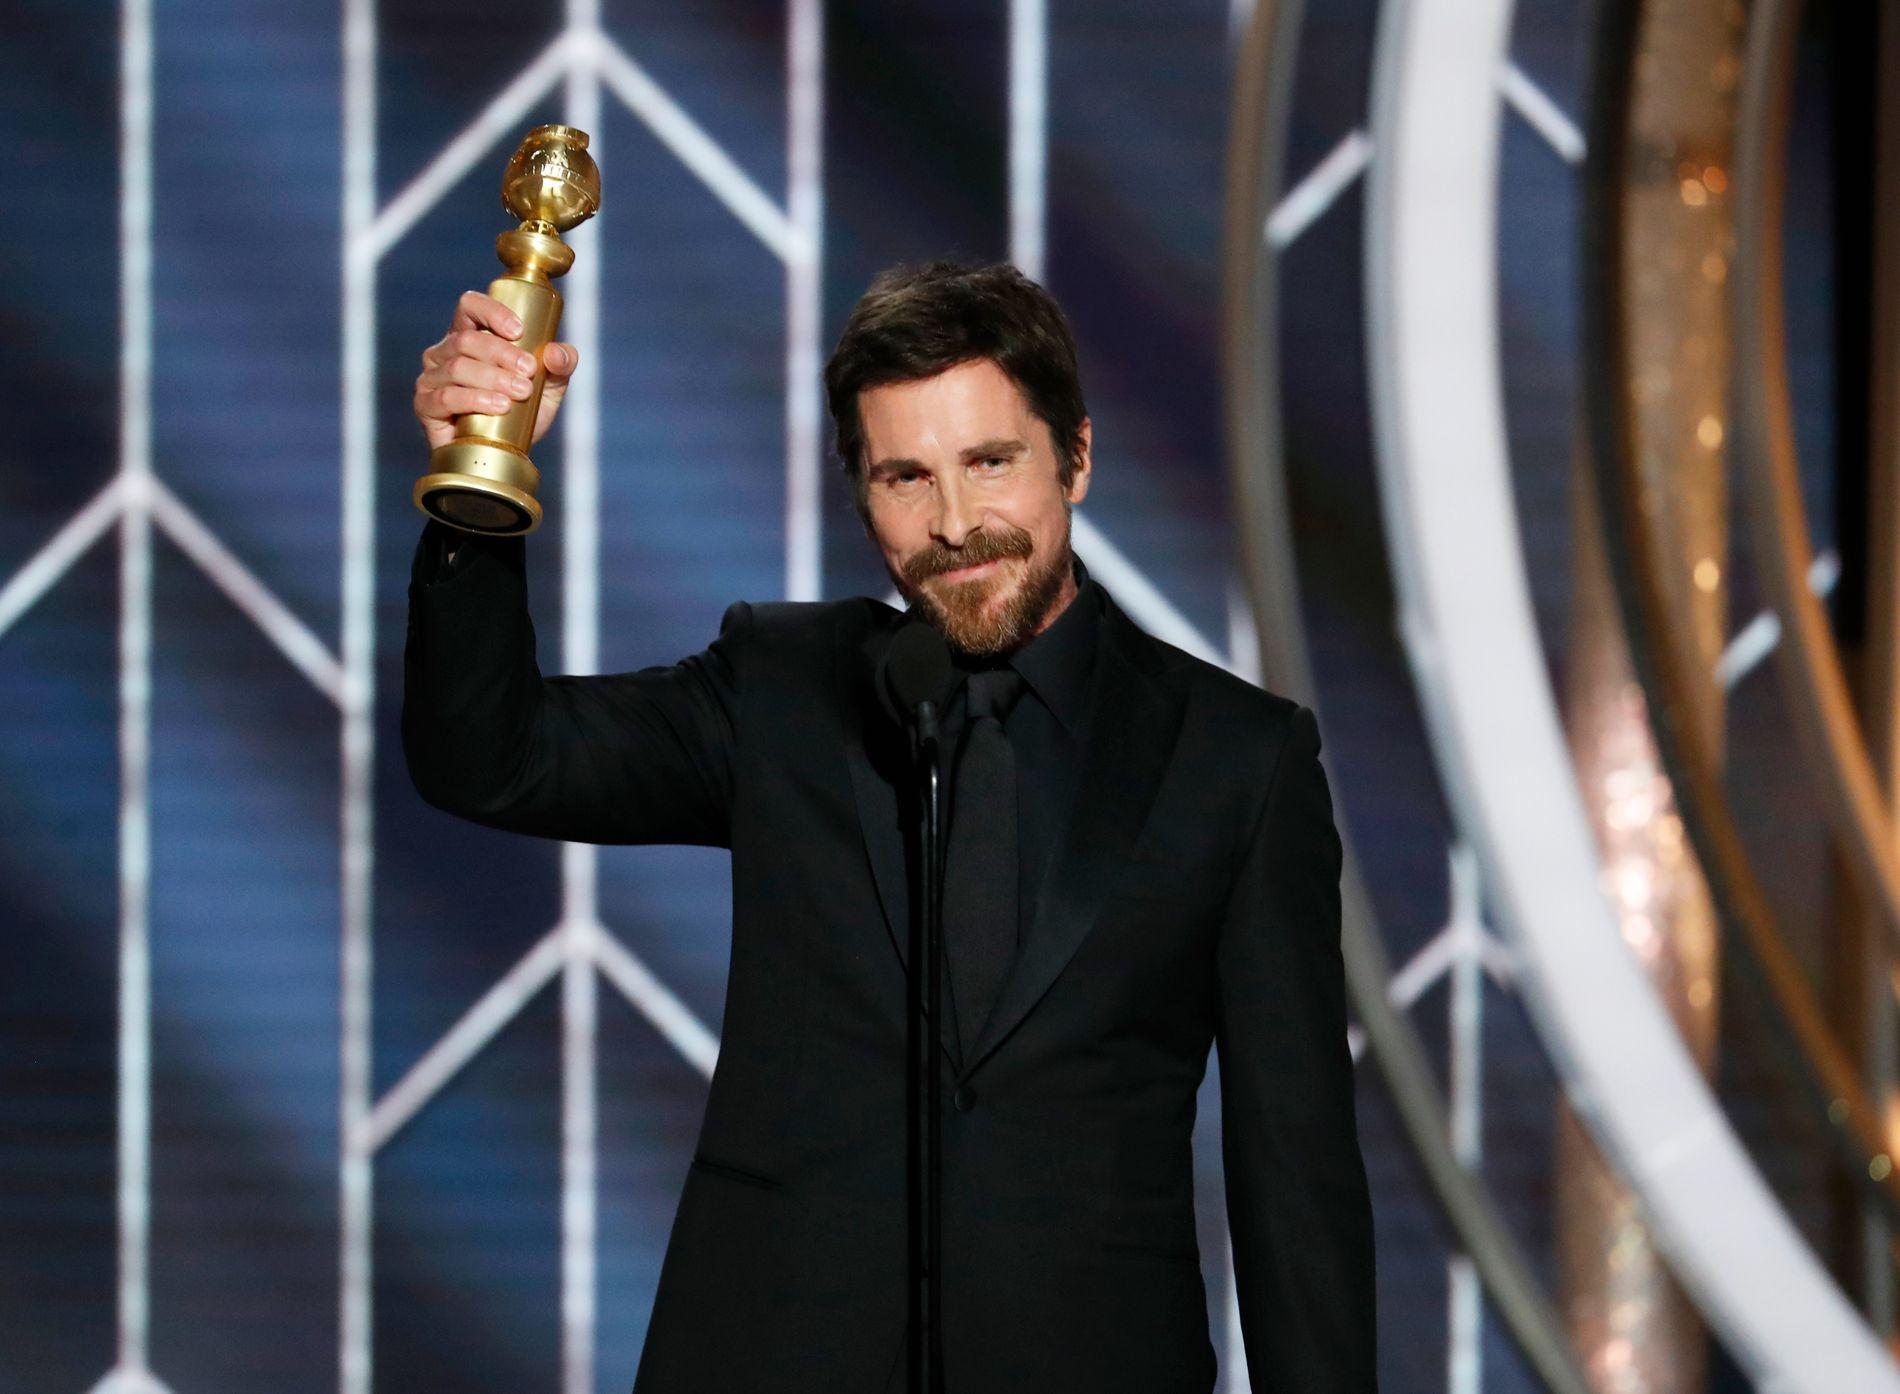 VANT: Christian Bale leverte en overraskende takketale da han vant for «Vice».